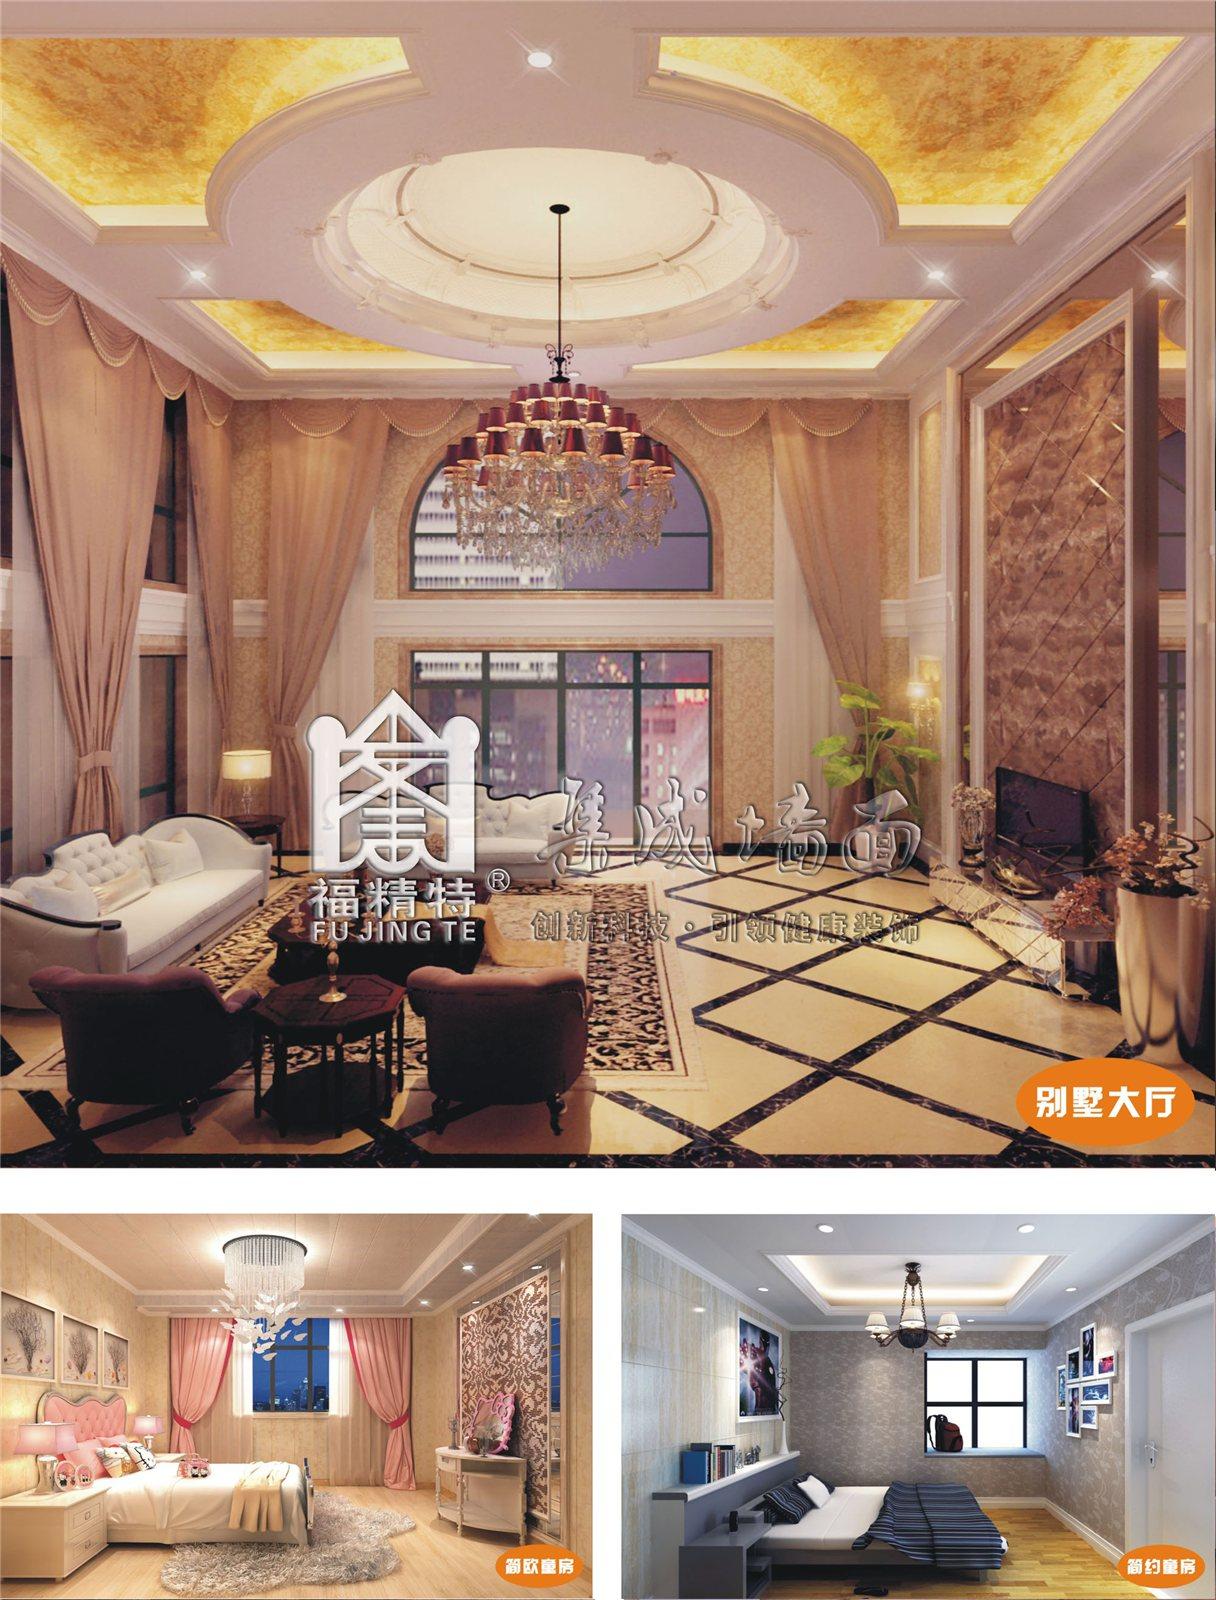 别墅大厅装修图-别墅大厅装修图片大全,别墅客厅装修效果,别墅装修